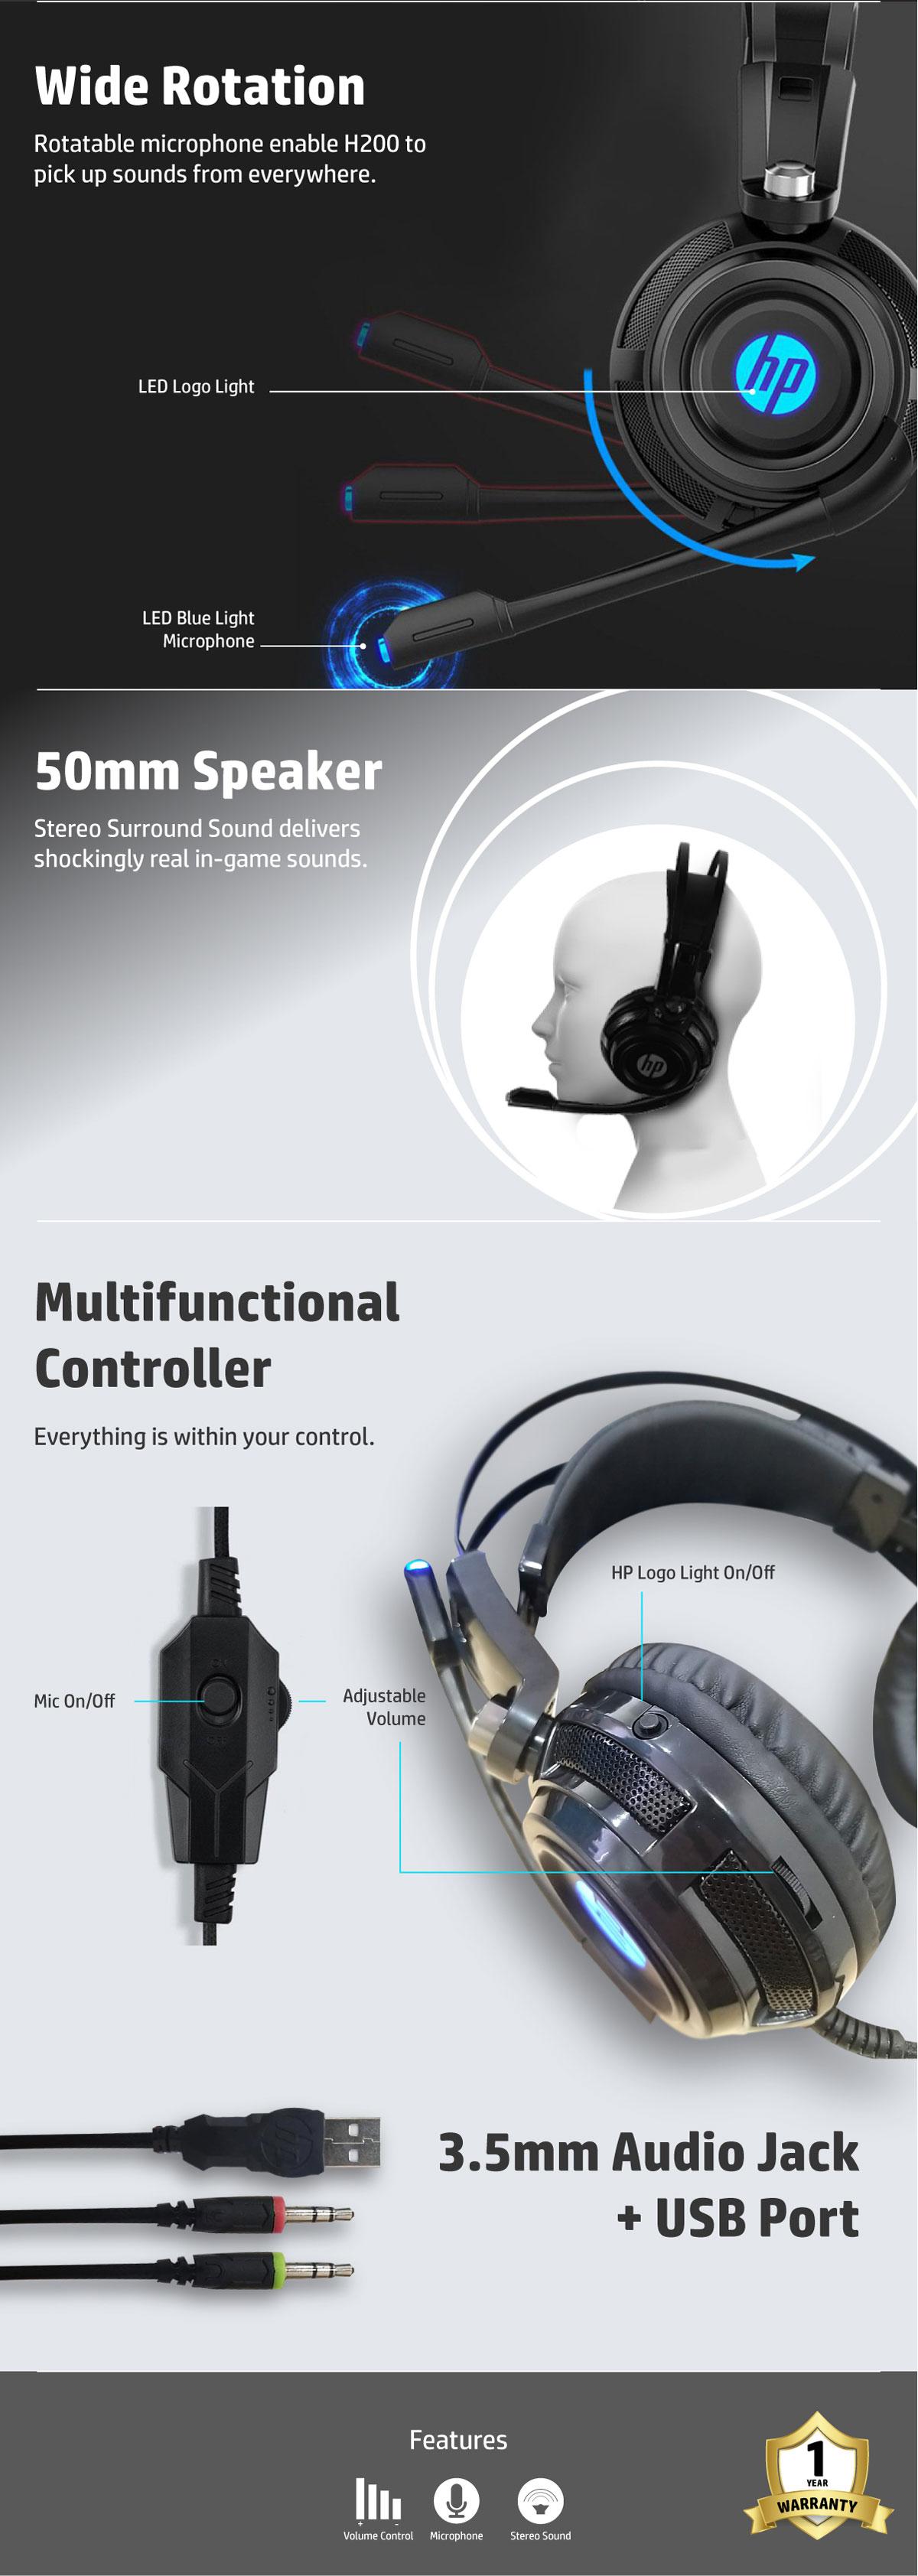 HP H200 Headphone